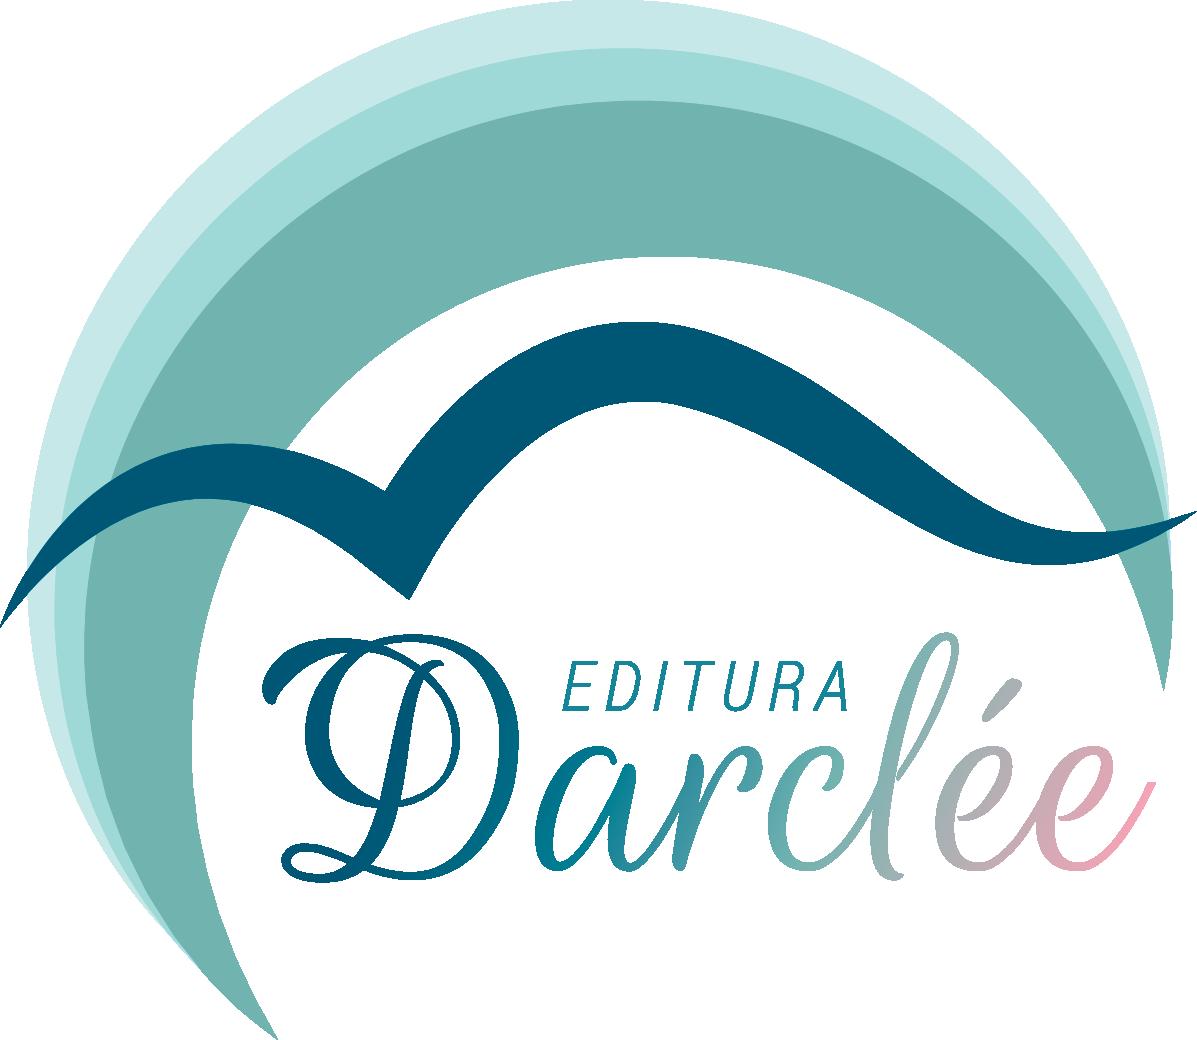 Editura Darclée - Librărie online